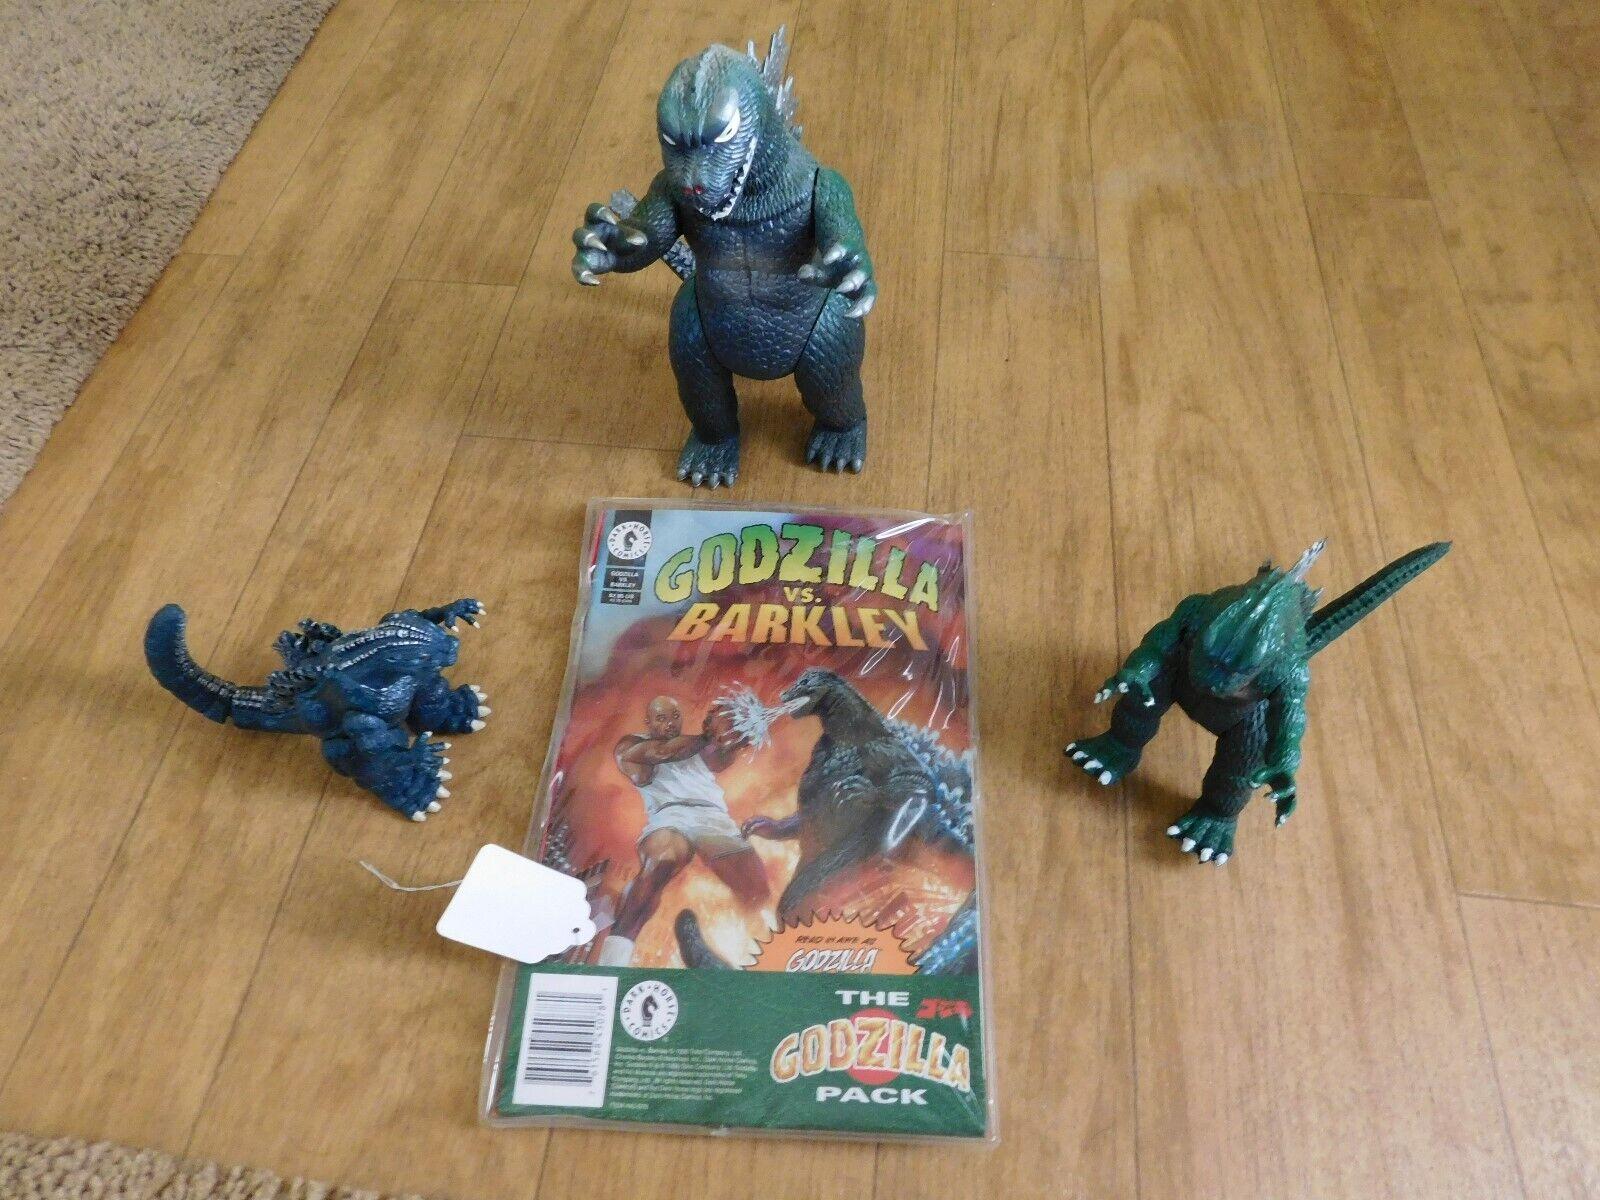 Juego de 3 figuras de acción de Godzilla + 1 Comic Book Barclay -- total de 4 artículos